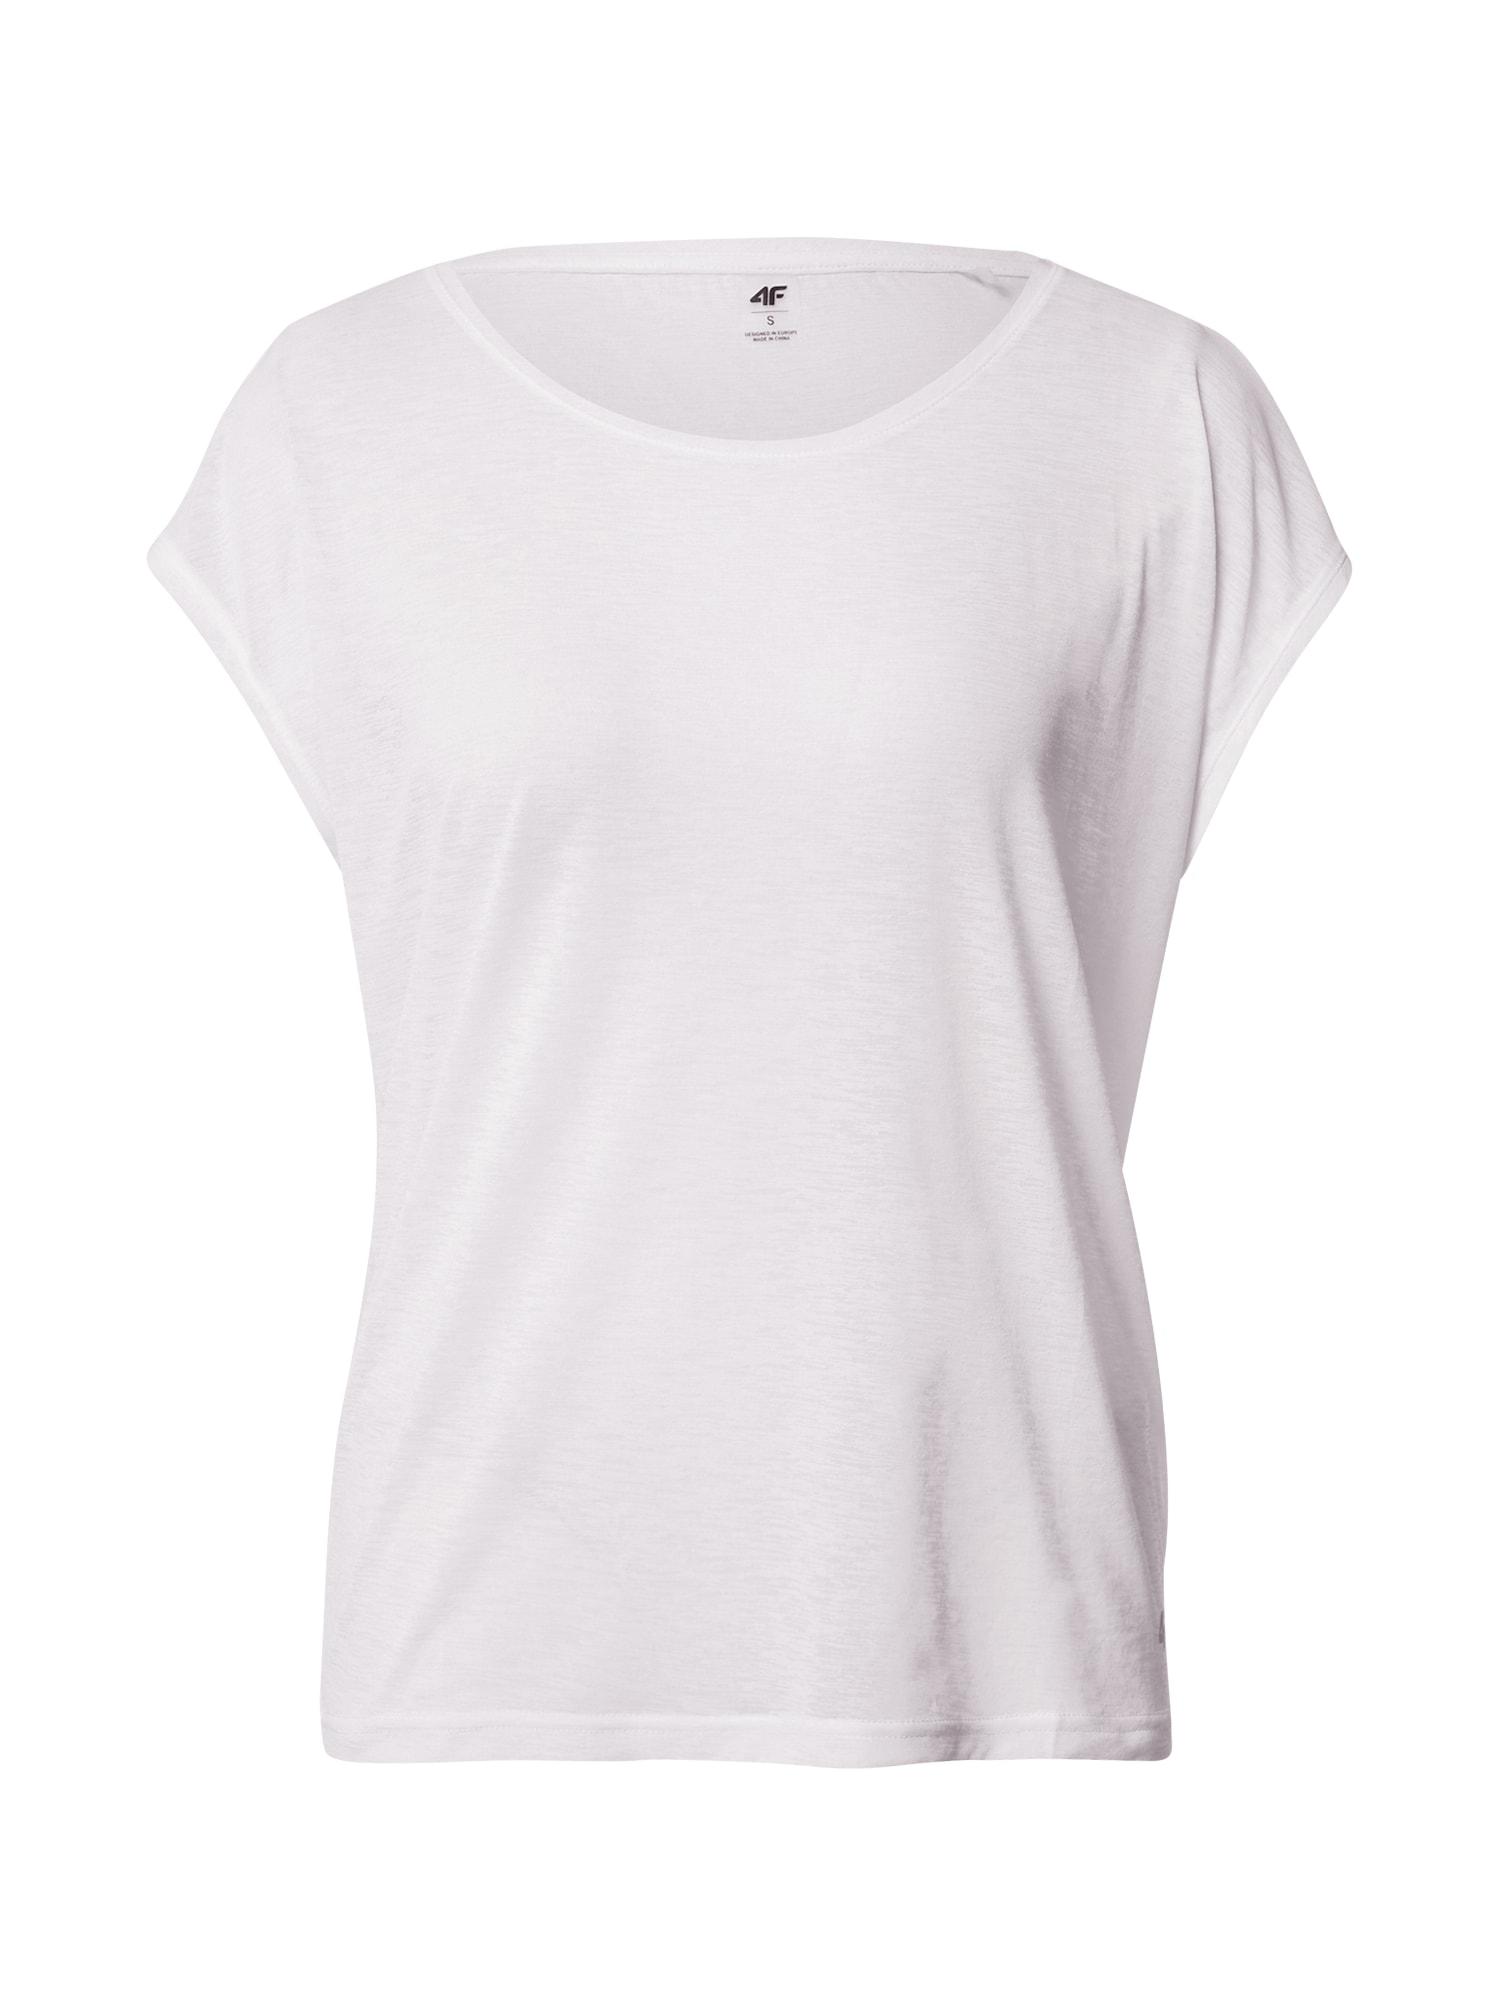 4F Sportiniai marškinėliai balta